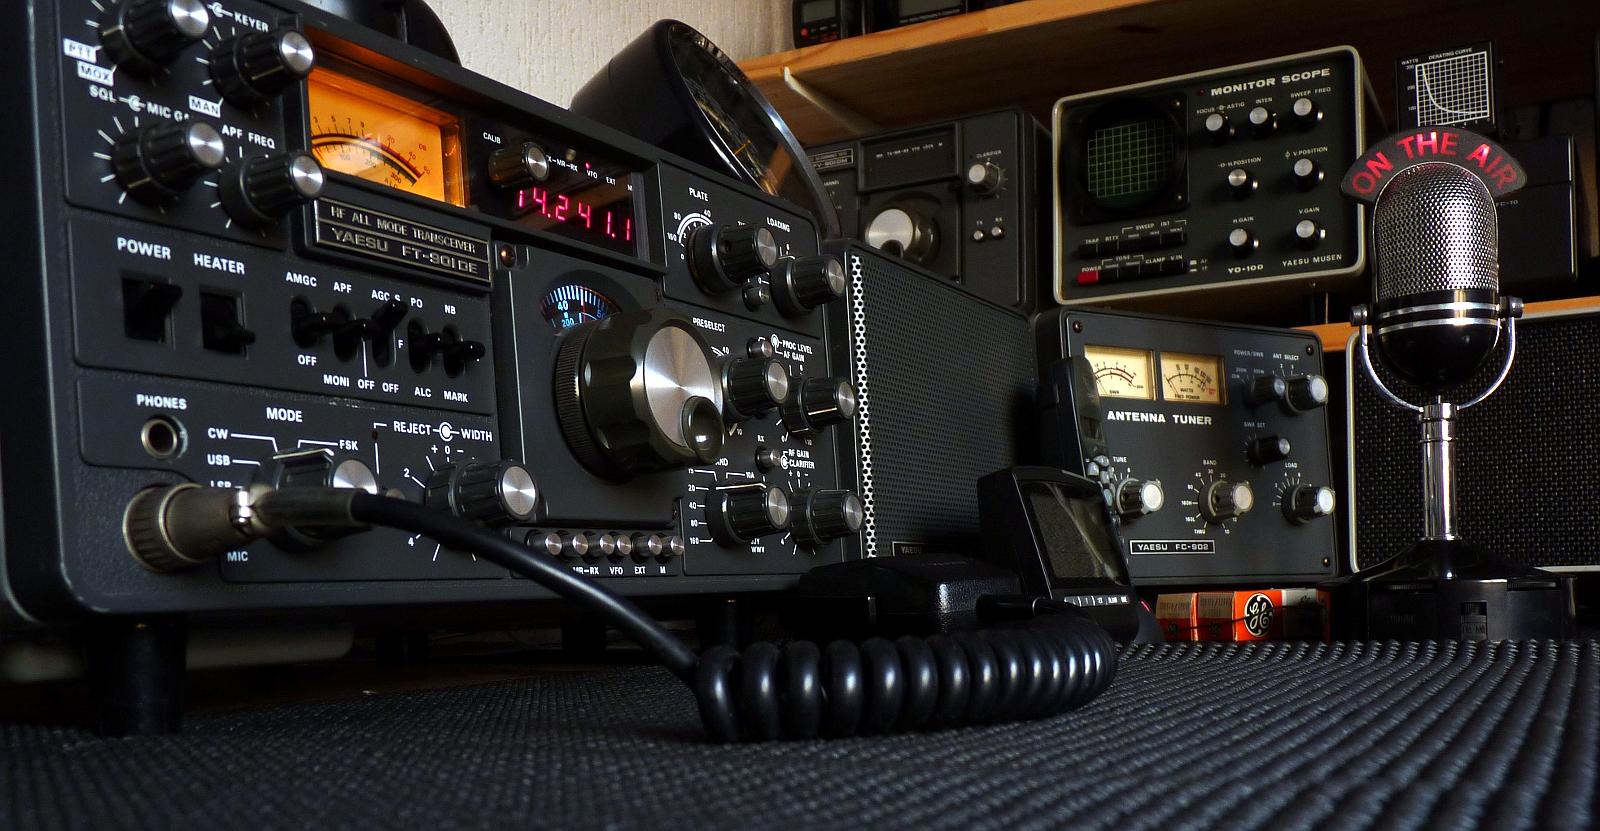 O que é radioamadorismo?